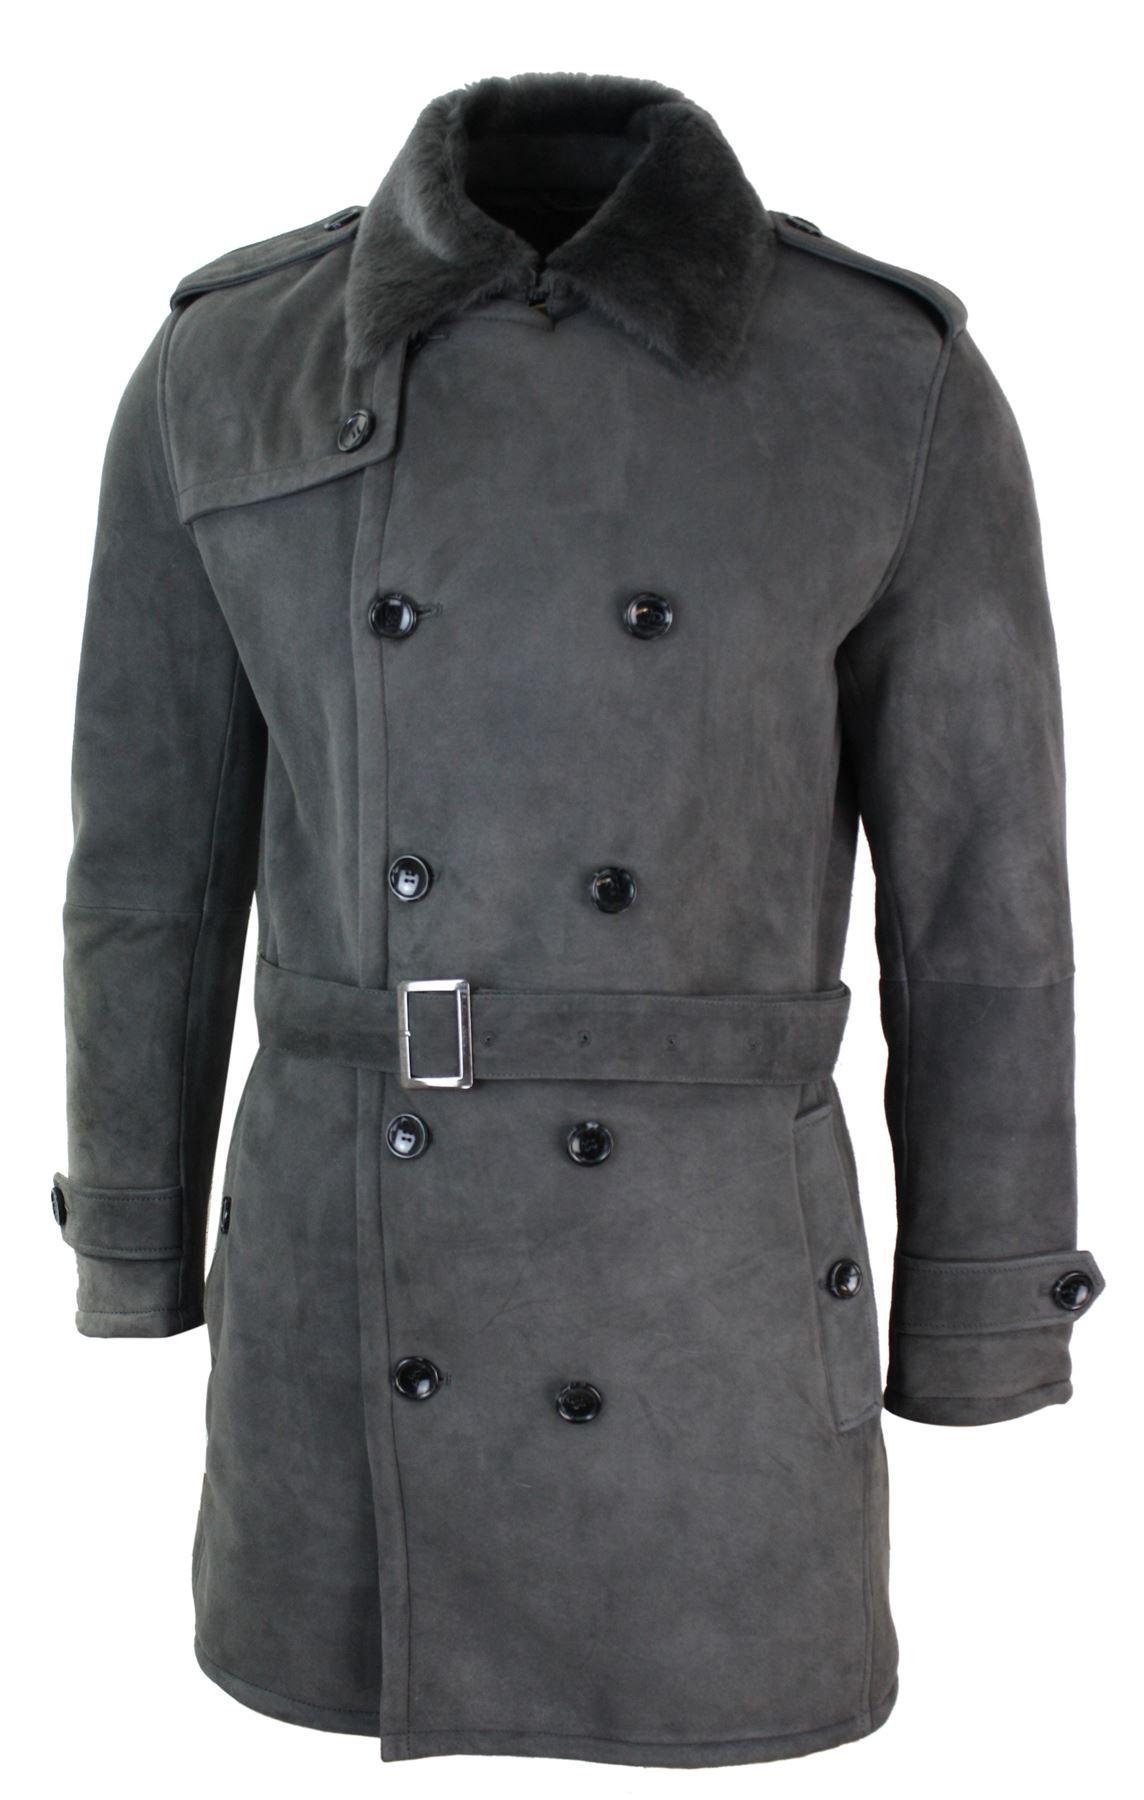 manteau homme peau de mouton retourn e gris noir veston. Black Bedroom Furniture Sets. Home Design Ideas